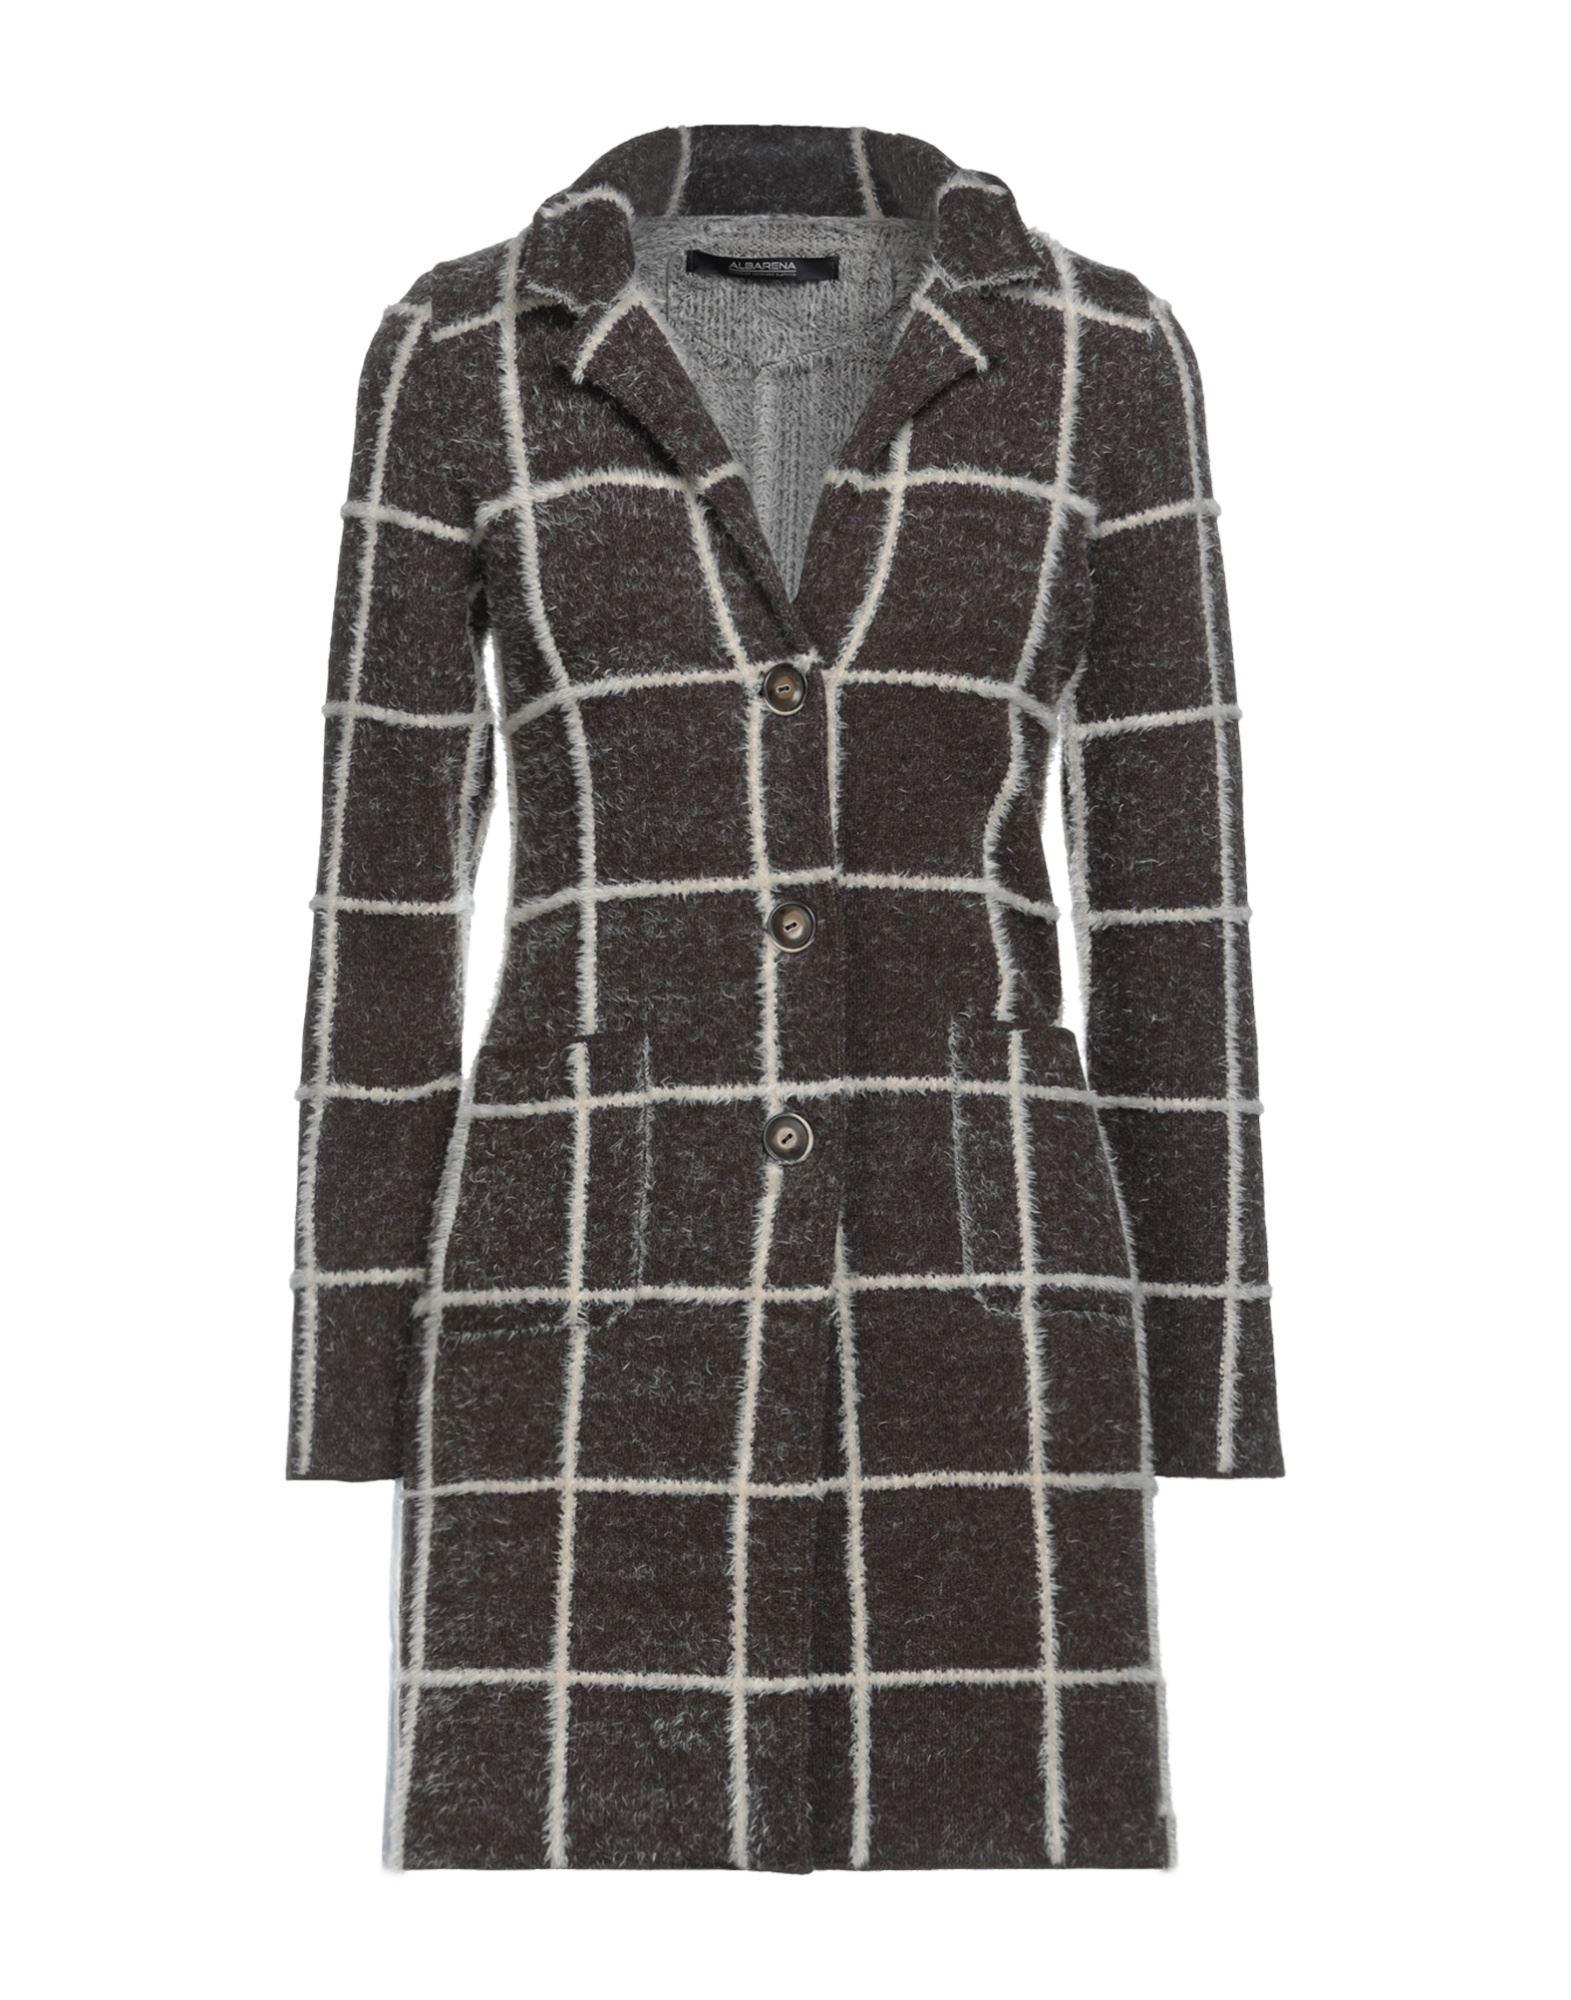 Albarena Coats In Brown